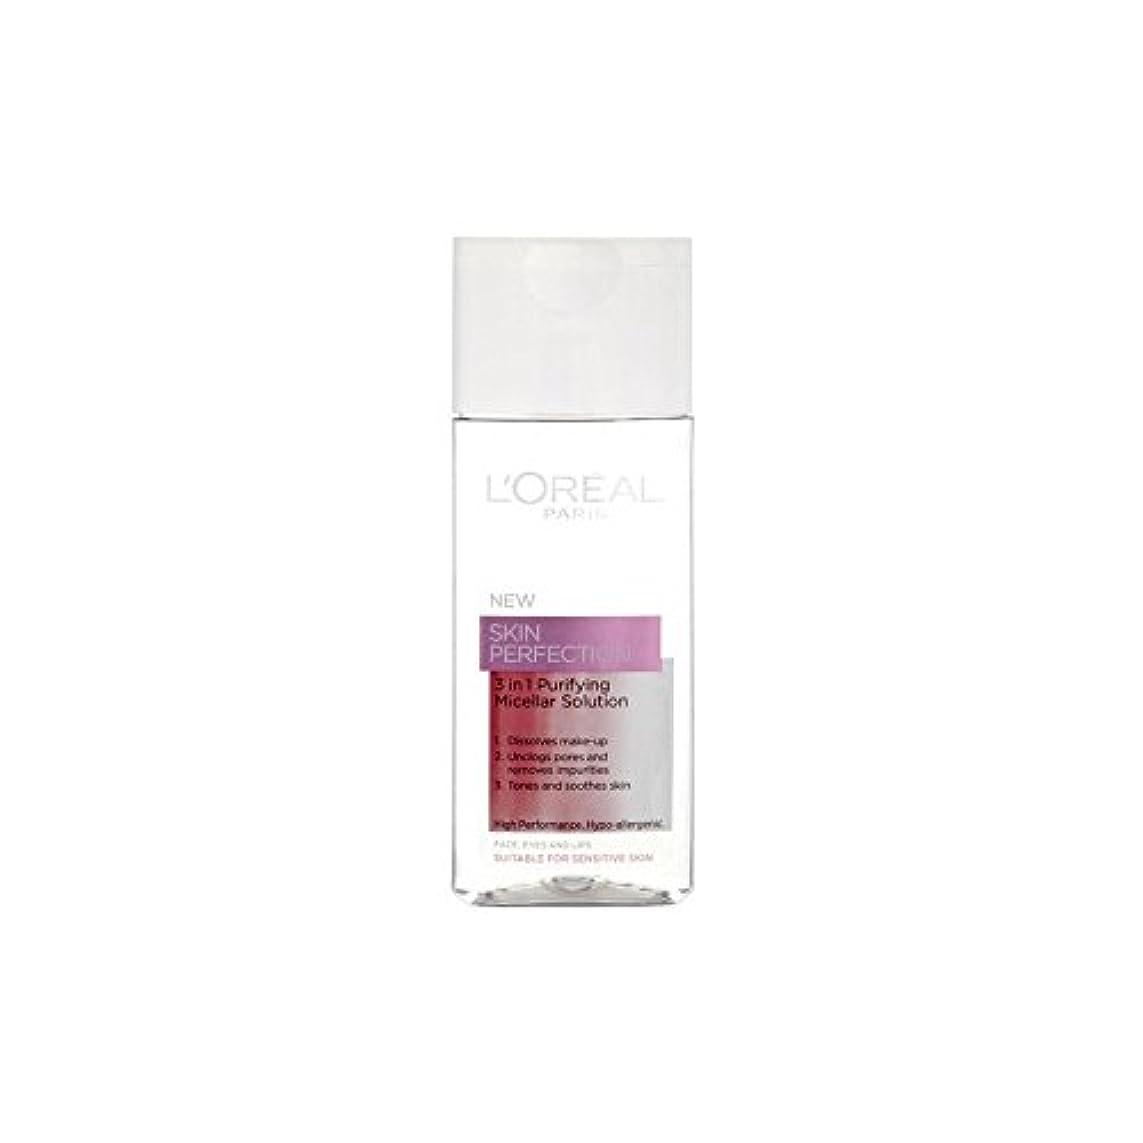 合図債務者シェトランド諸島L'Oreal Paris Dermo Expertise Skin Perfection 3 In 1 Purifying Micellar Solution (200ml) - 1つの精製ミセル溶液中ロレアルパリ?ダーモ...